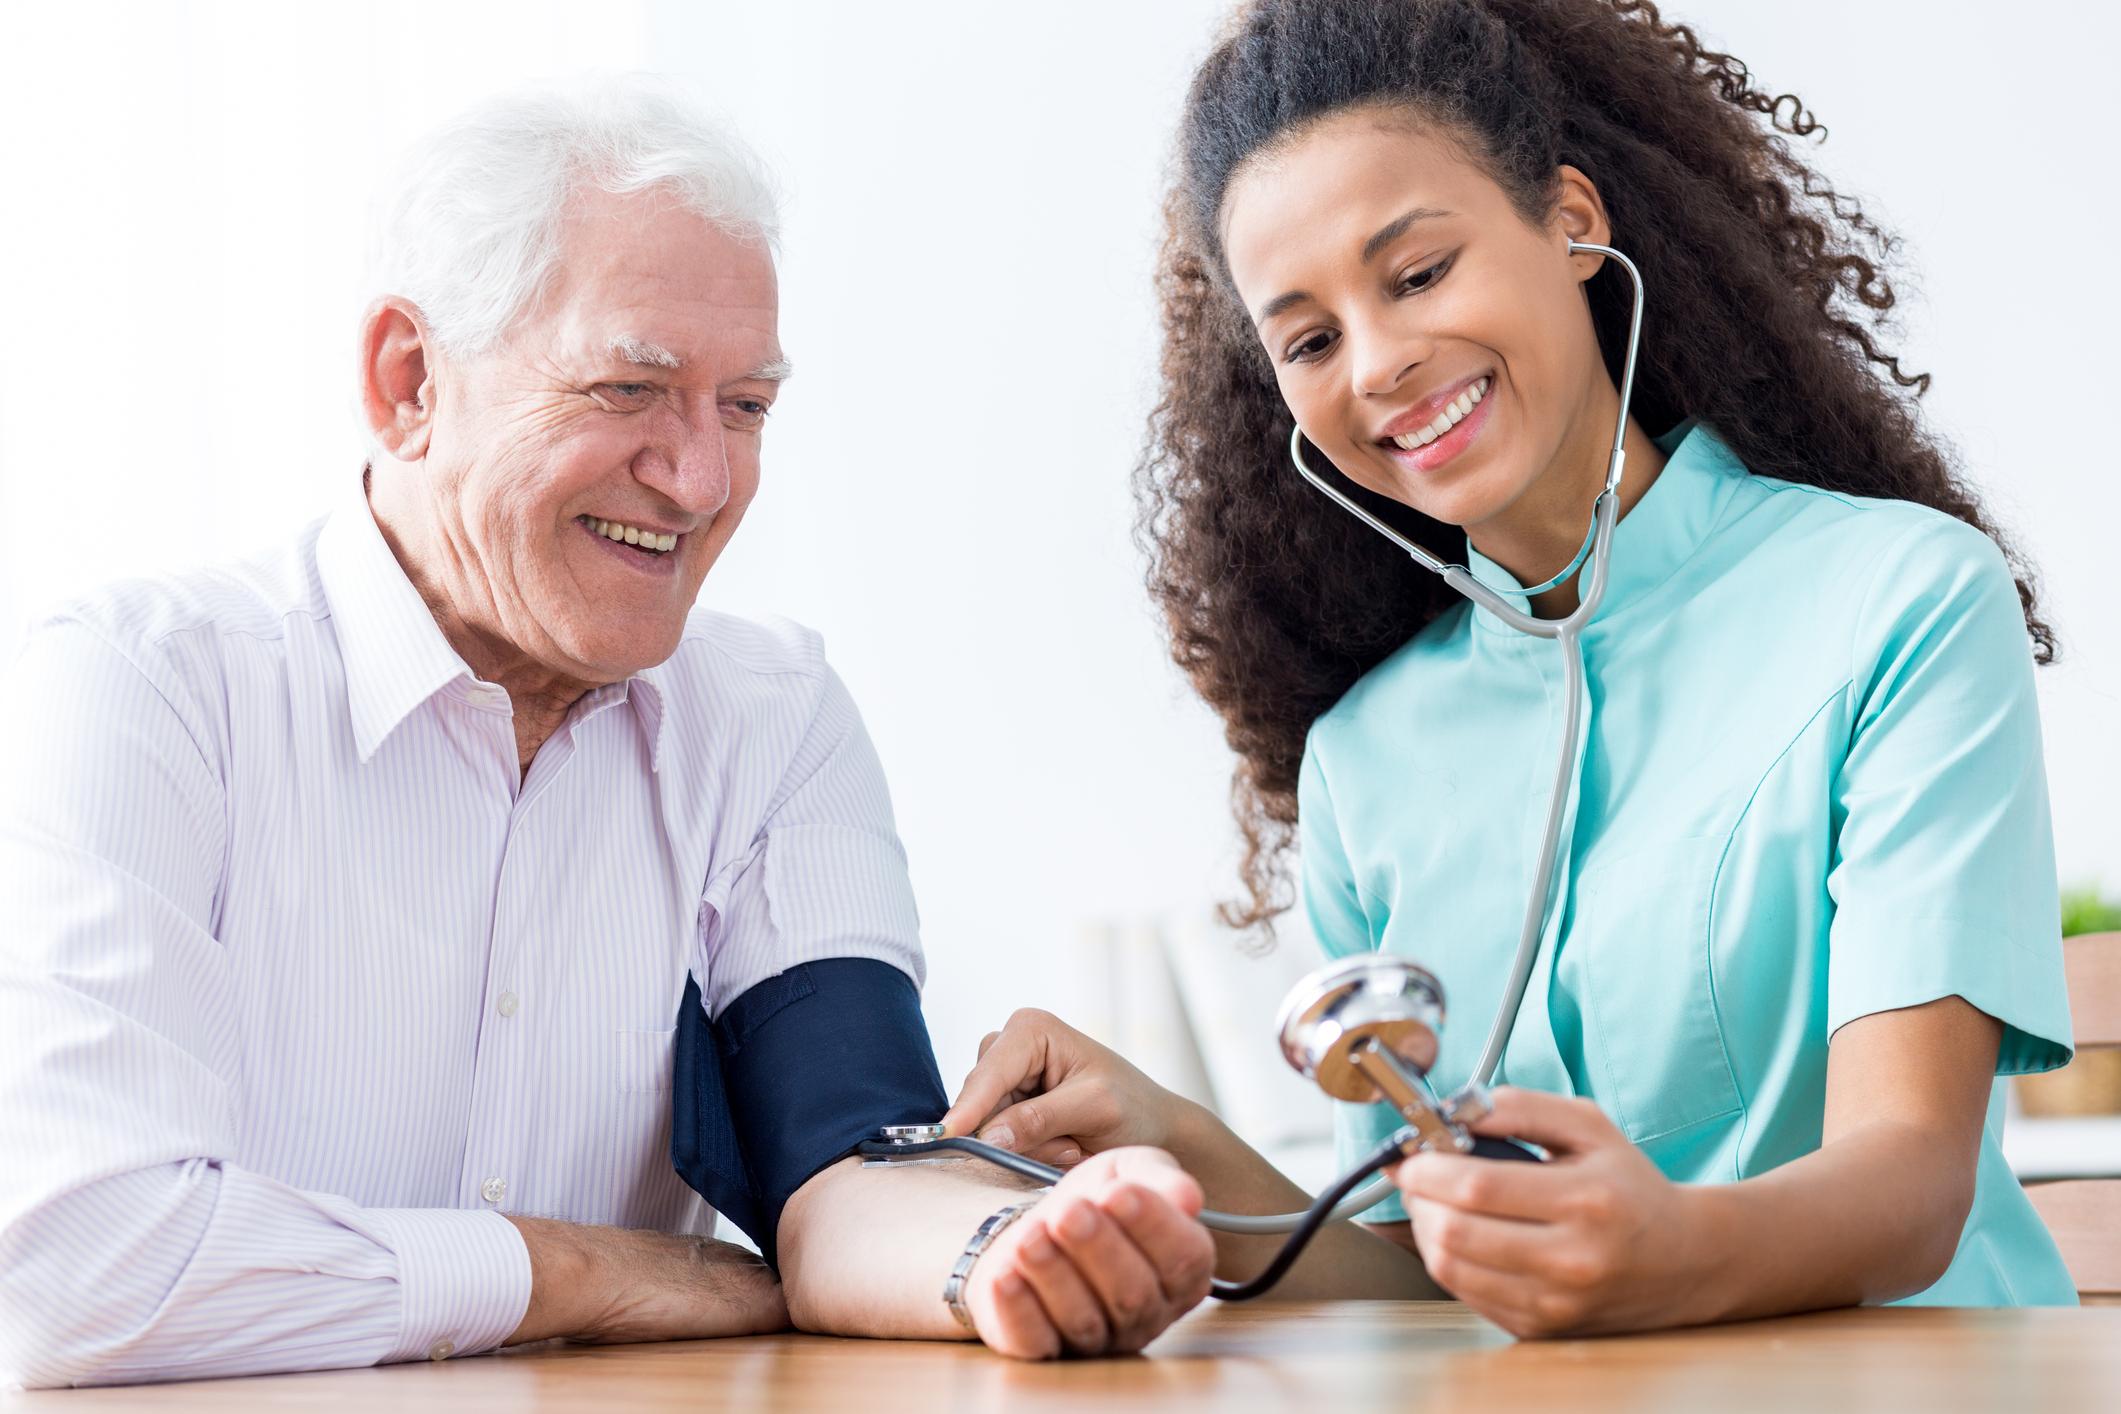 Senior man having blood pressure taken